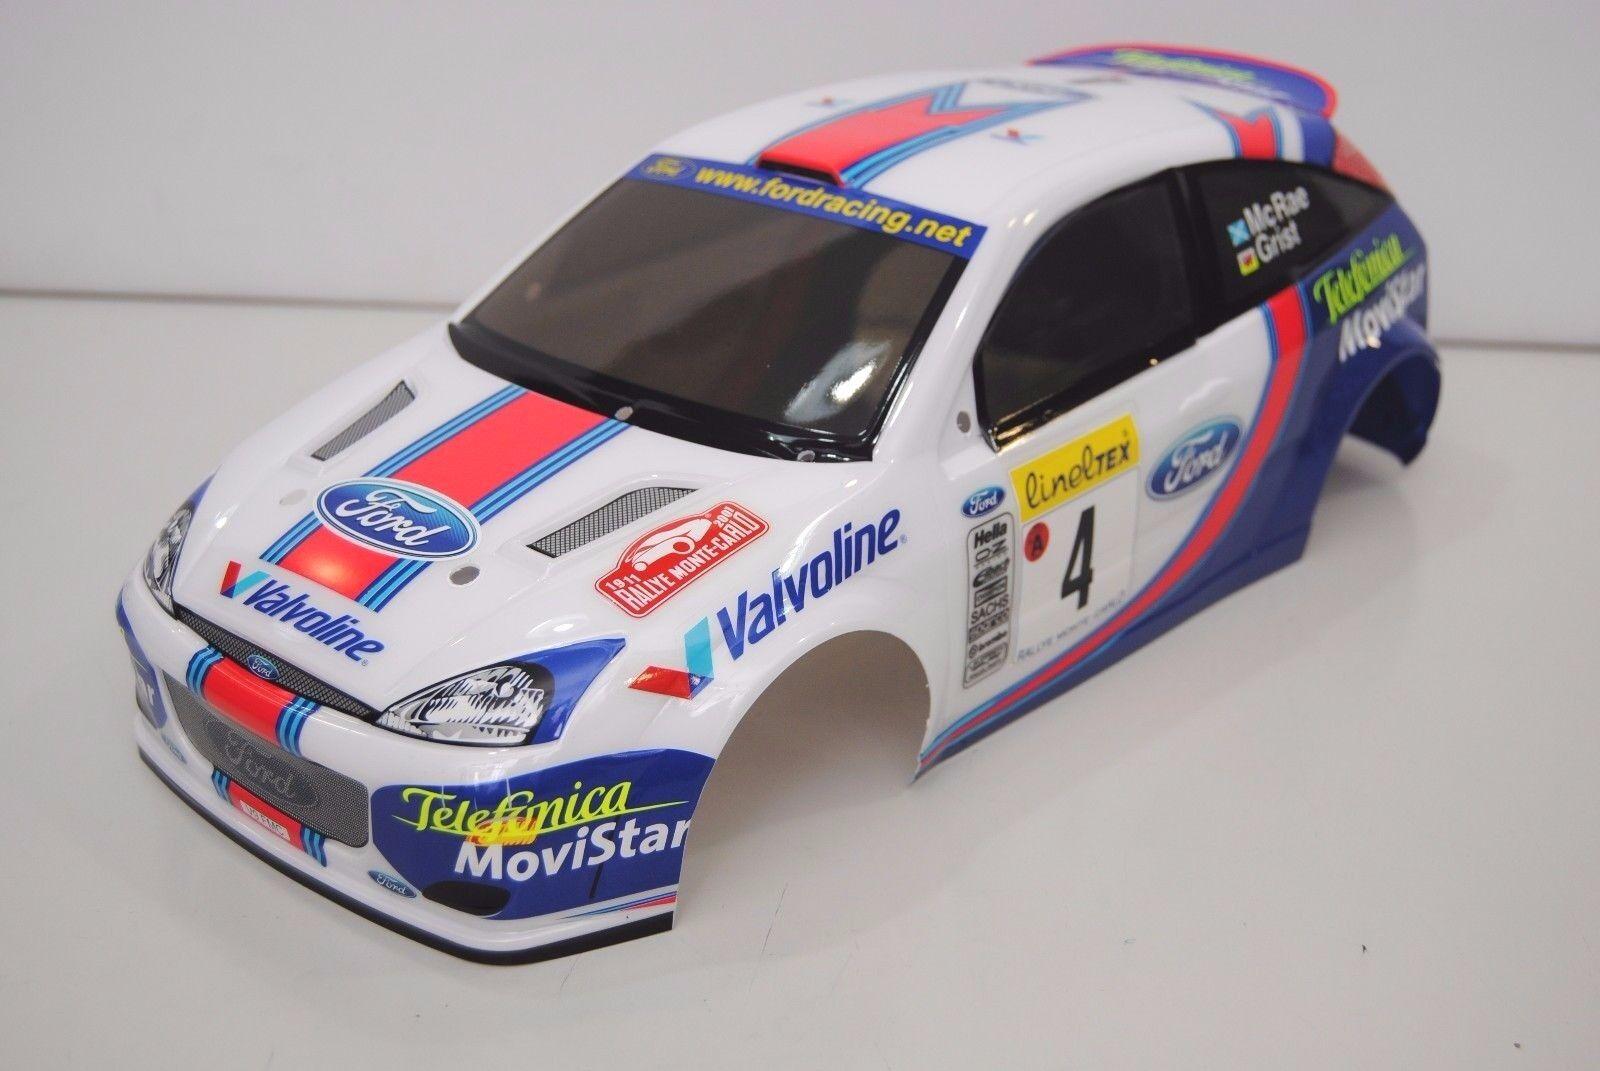 The Rally Legends Carrozzeria FORD FOCUS WRC Verniciata/BODY FORD FOCUS WRC